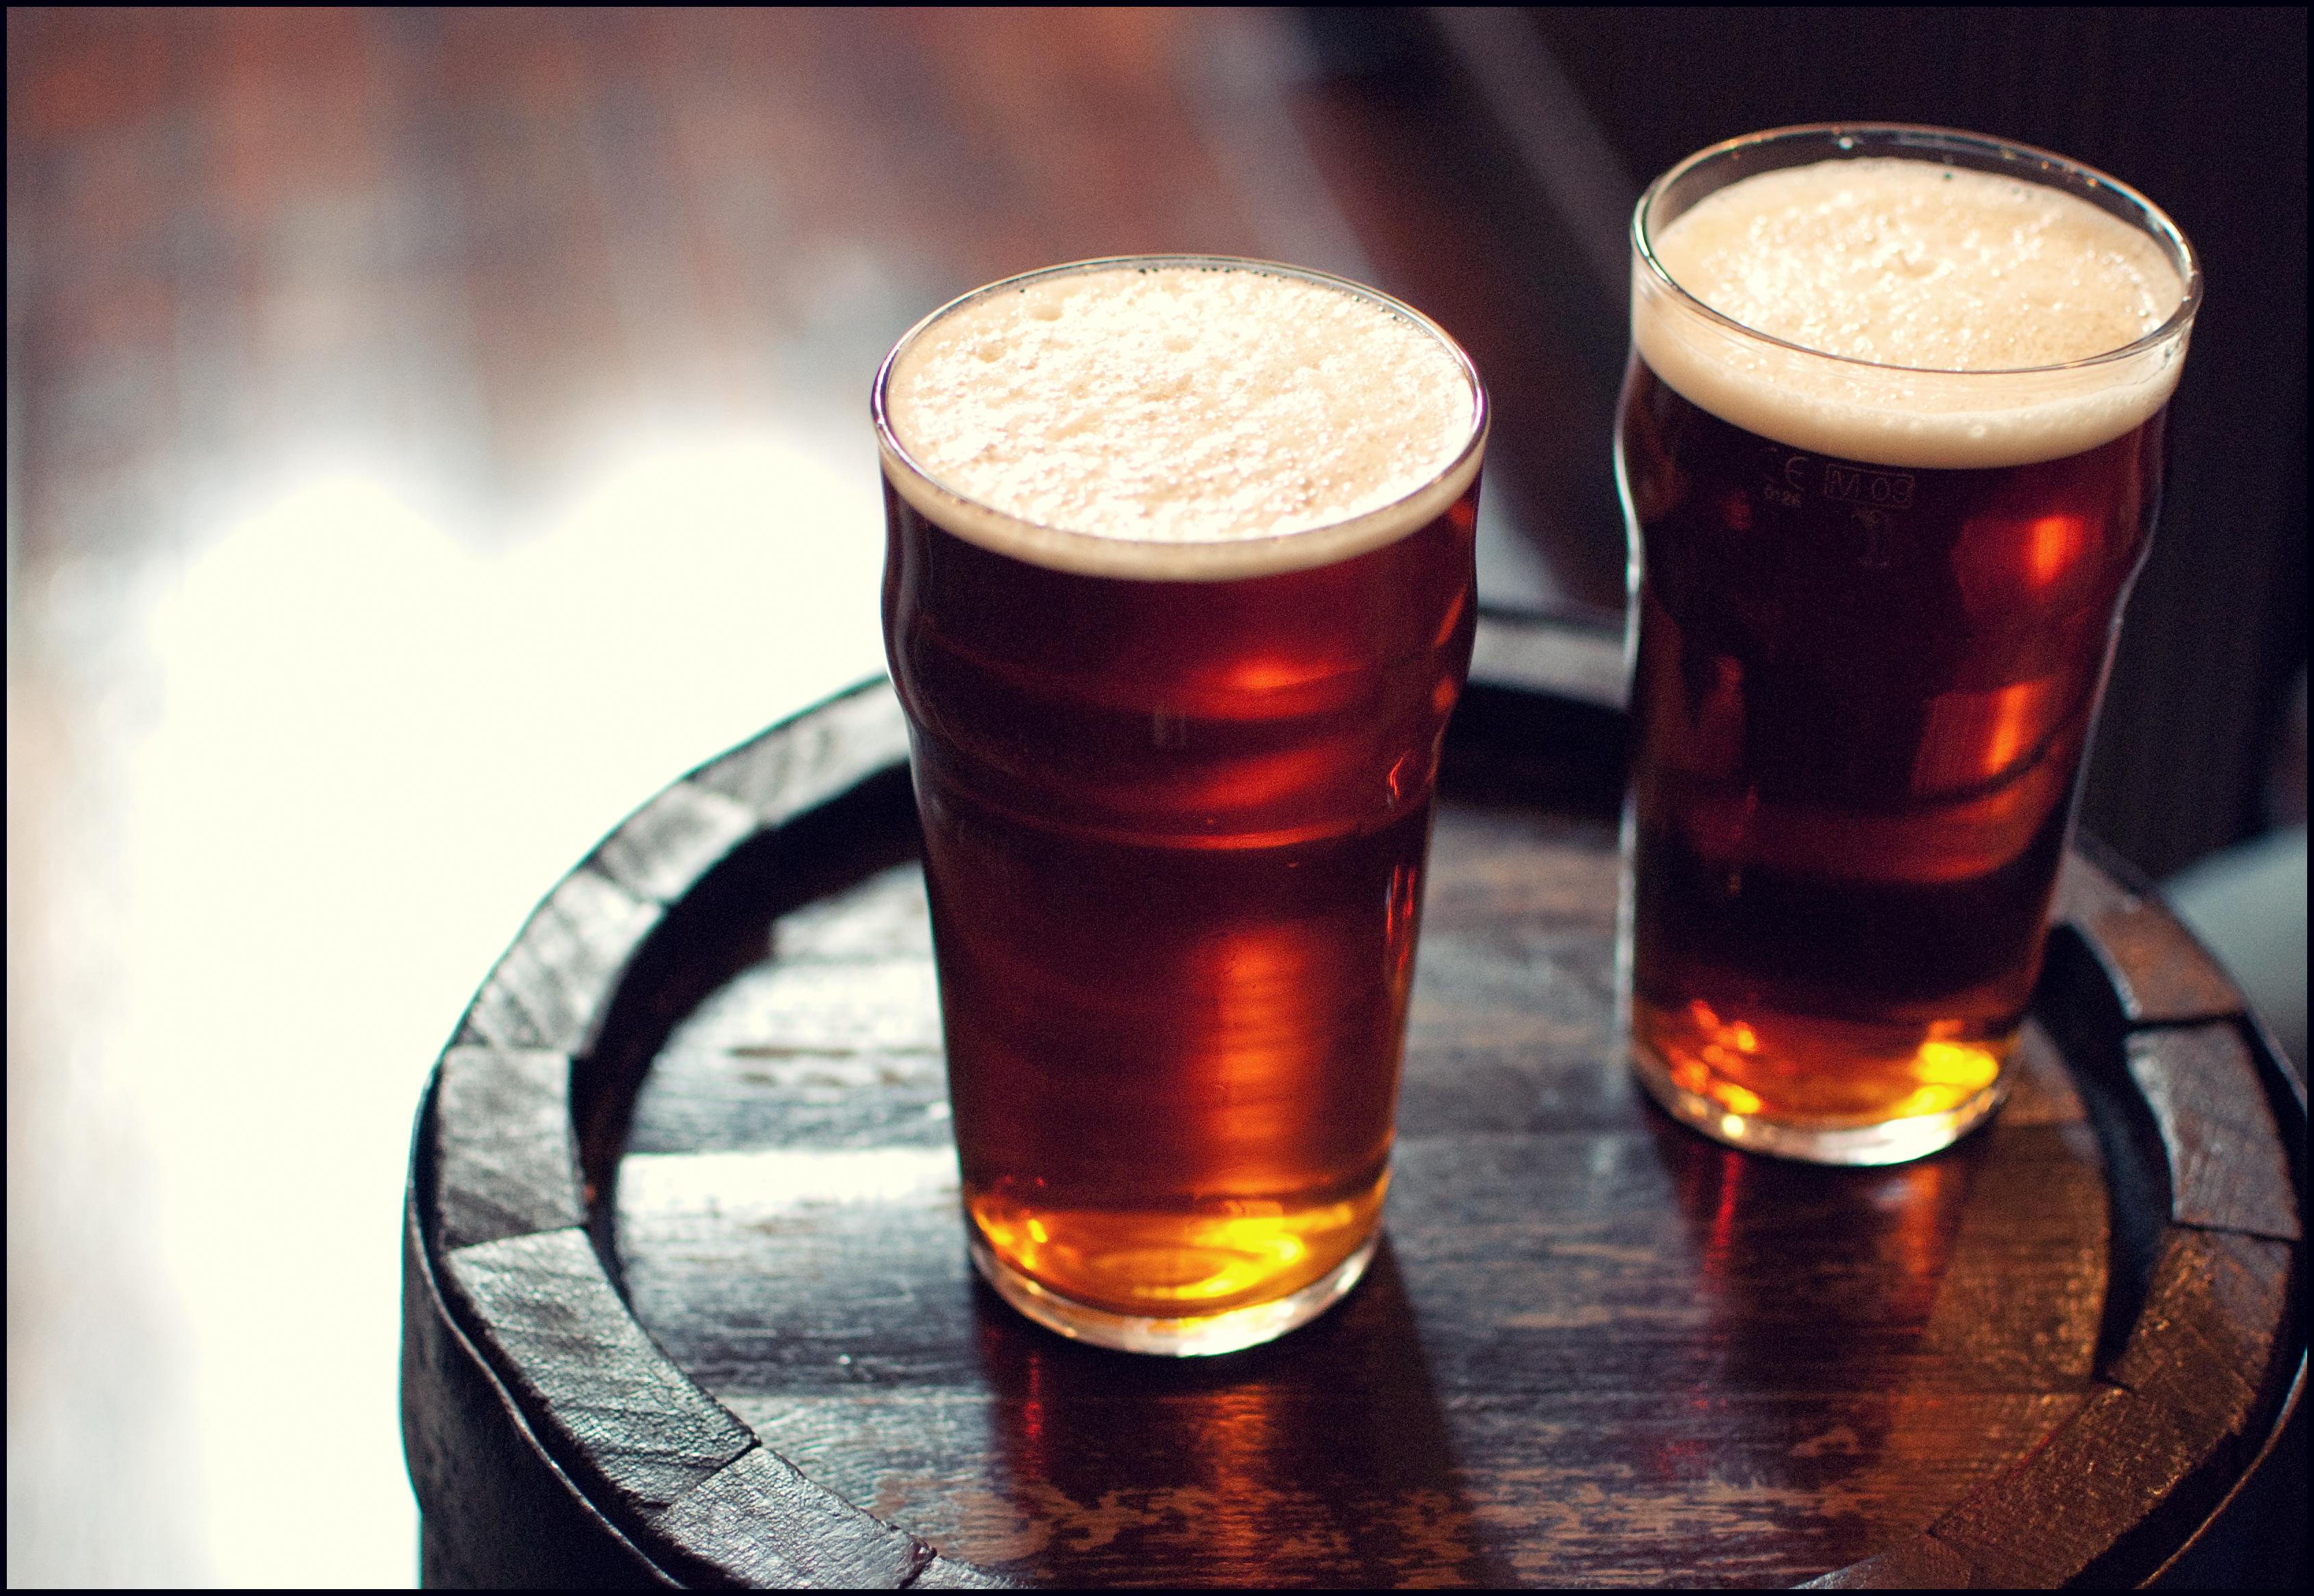 psoriasis causes alcohol árak pikkelysömör gyógyszere